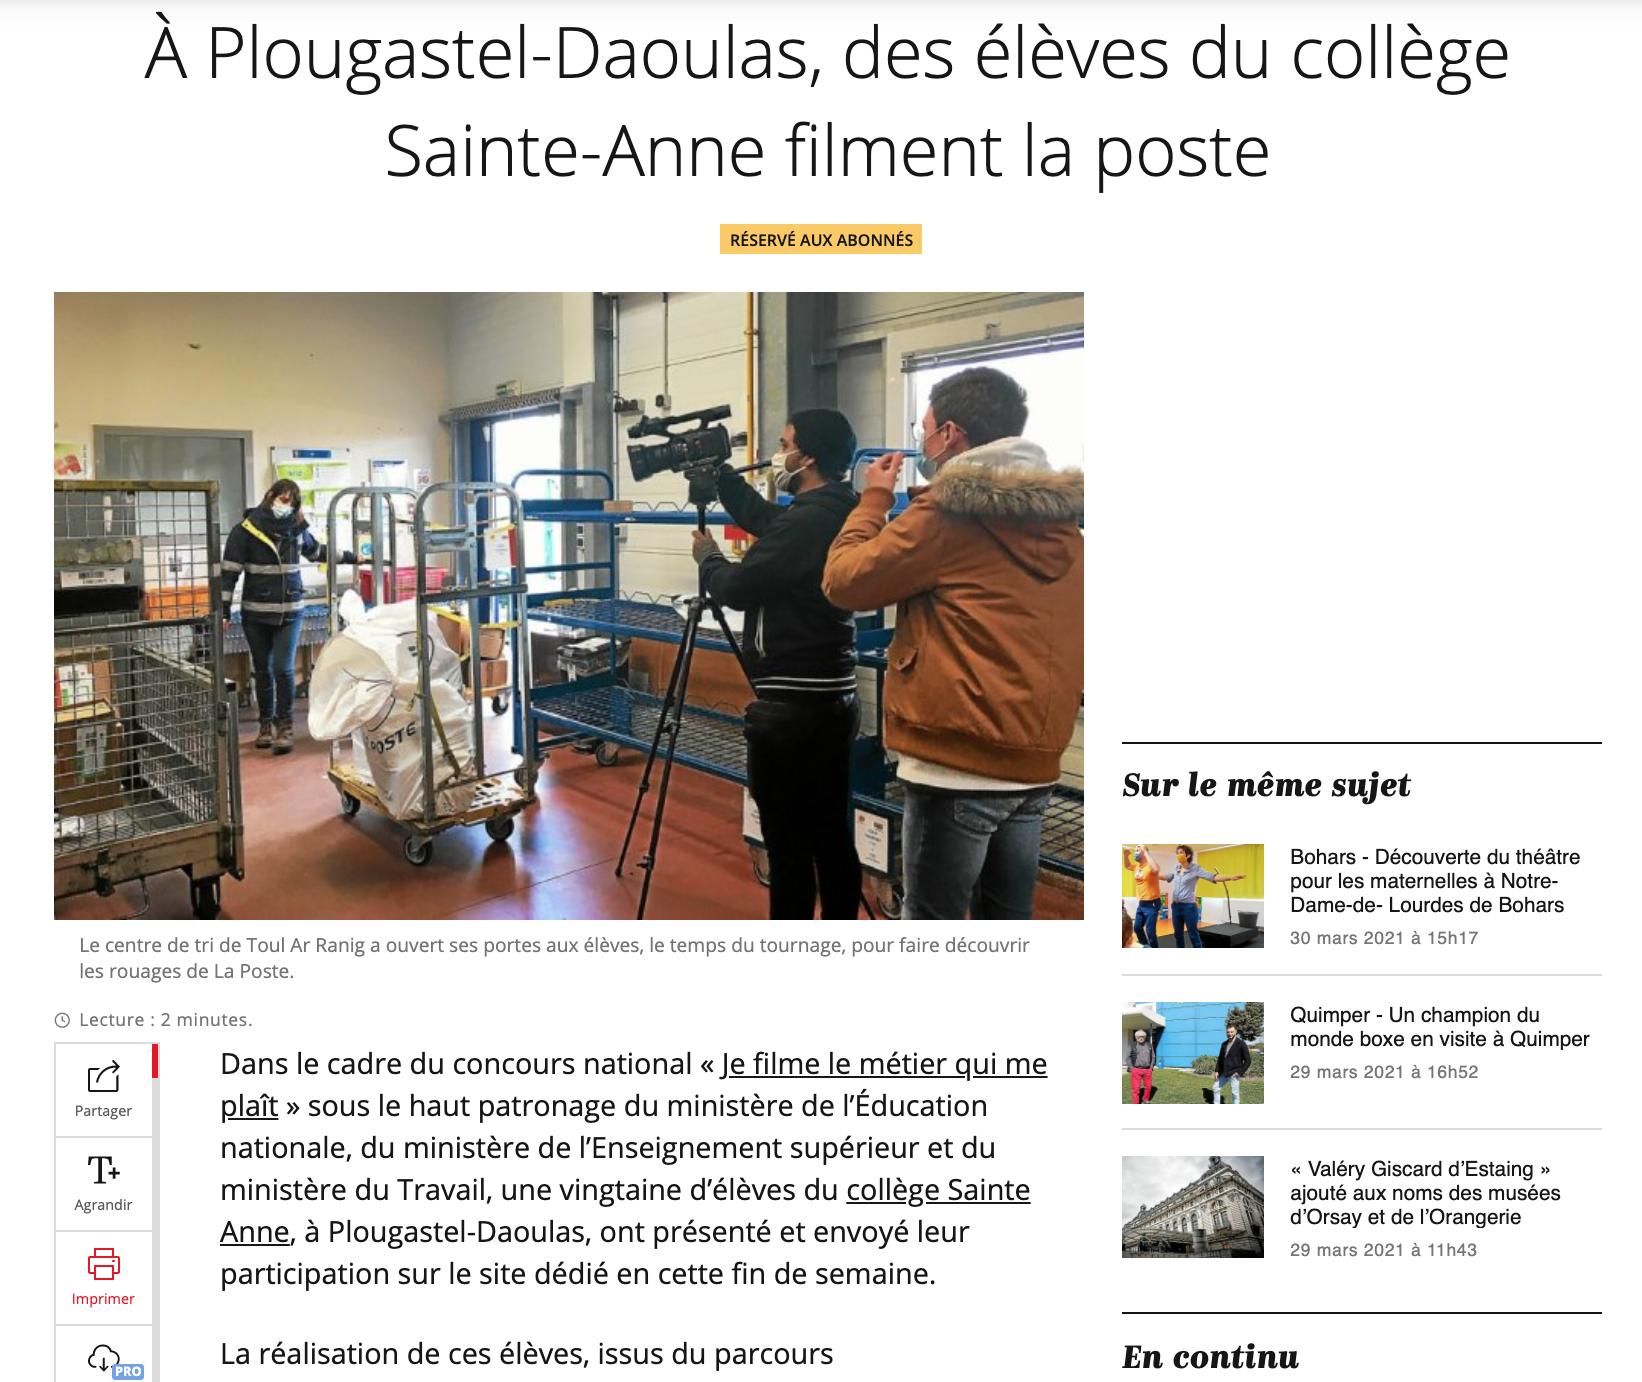 À Plougastel-Daoulas, des élèves du collège Sainte-Anne filment la poste